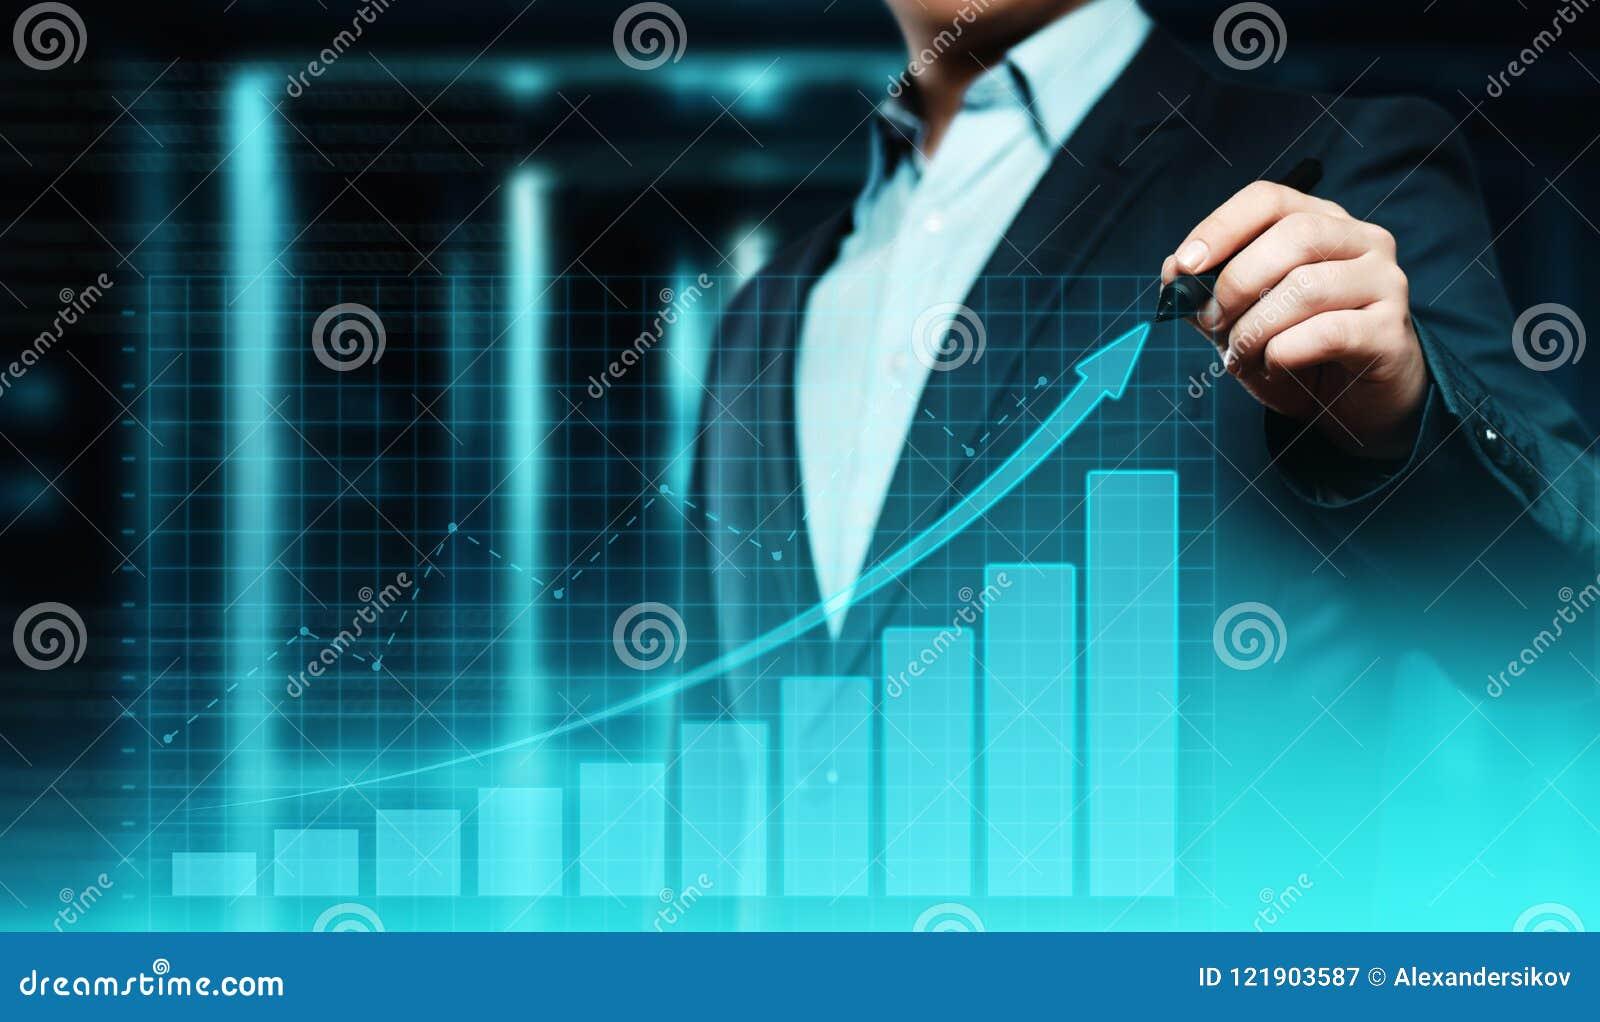 Gráfico financiero Carta del mercado de acción Concepto de la tecnología de Internet del negocio de la inversión de las divisas